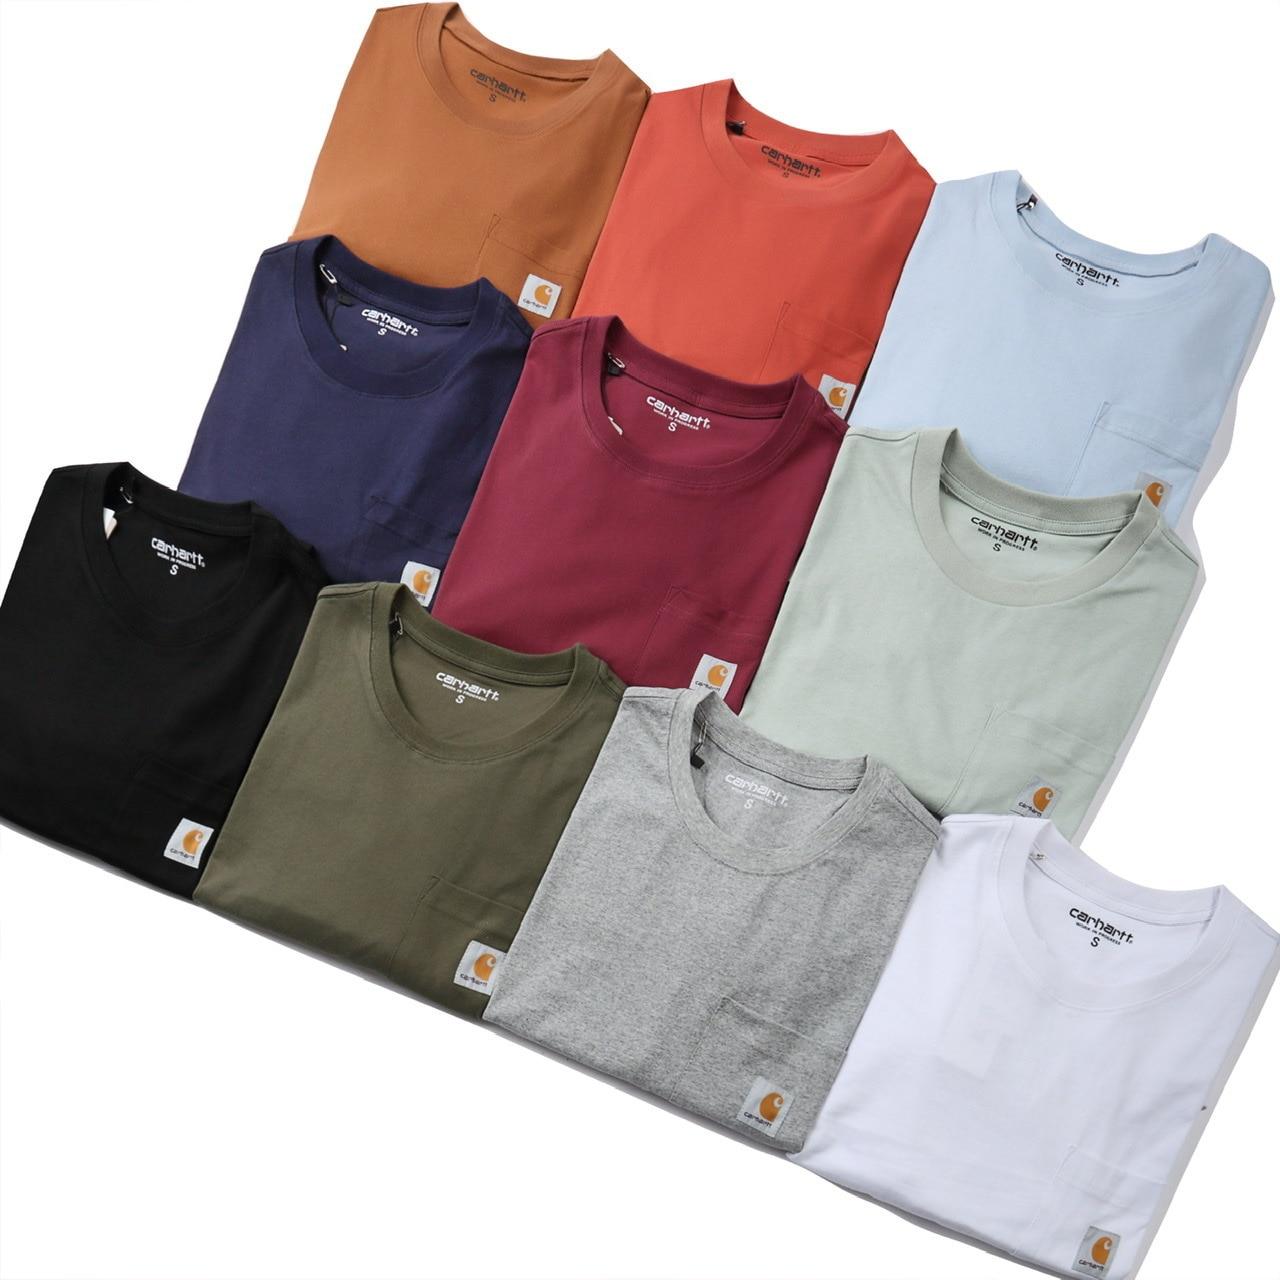 Новинка 2021 Модная брендовая классическая мужская и женская однотонная Повседневная футболка из чистого хлопка с длинными рукавами рубашка|Футболки|   | АлиЭкспресс